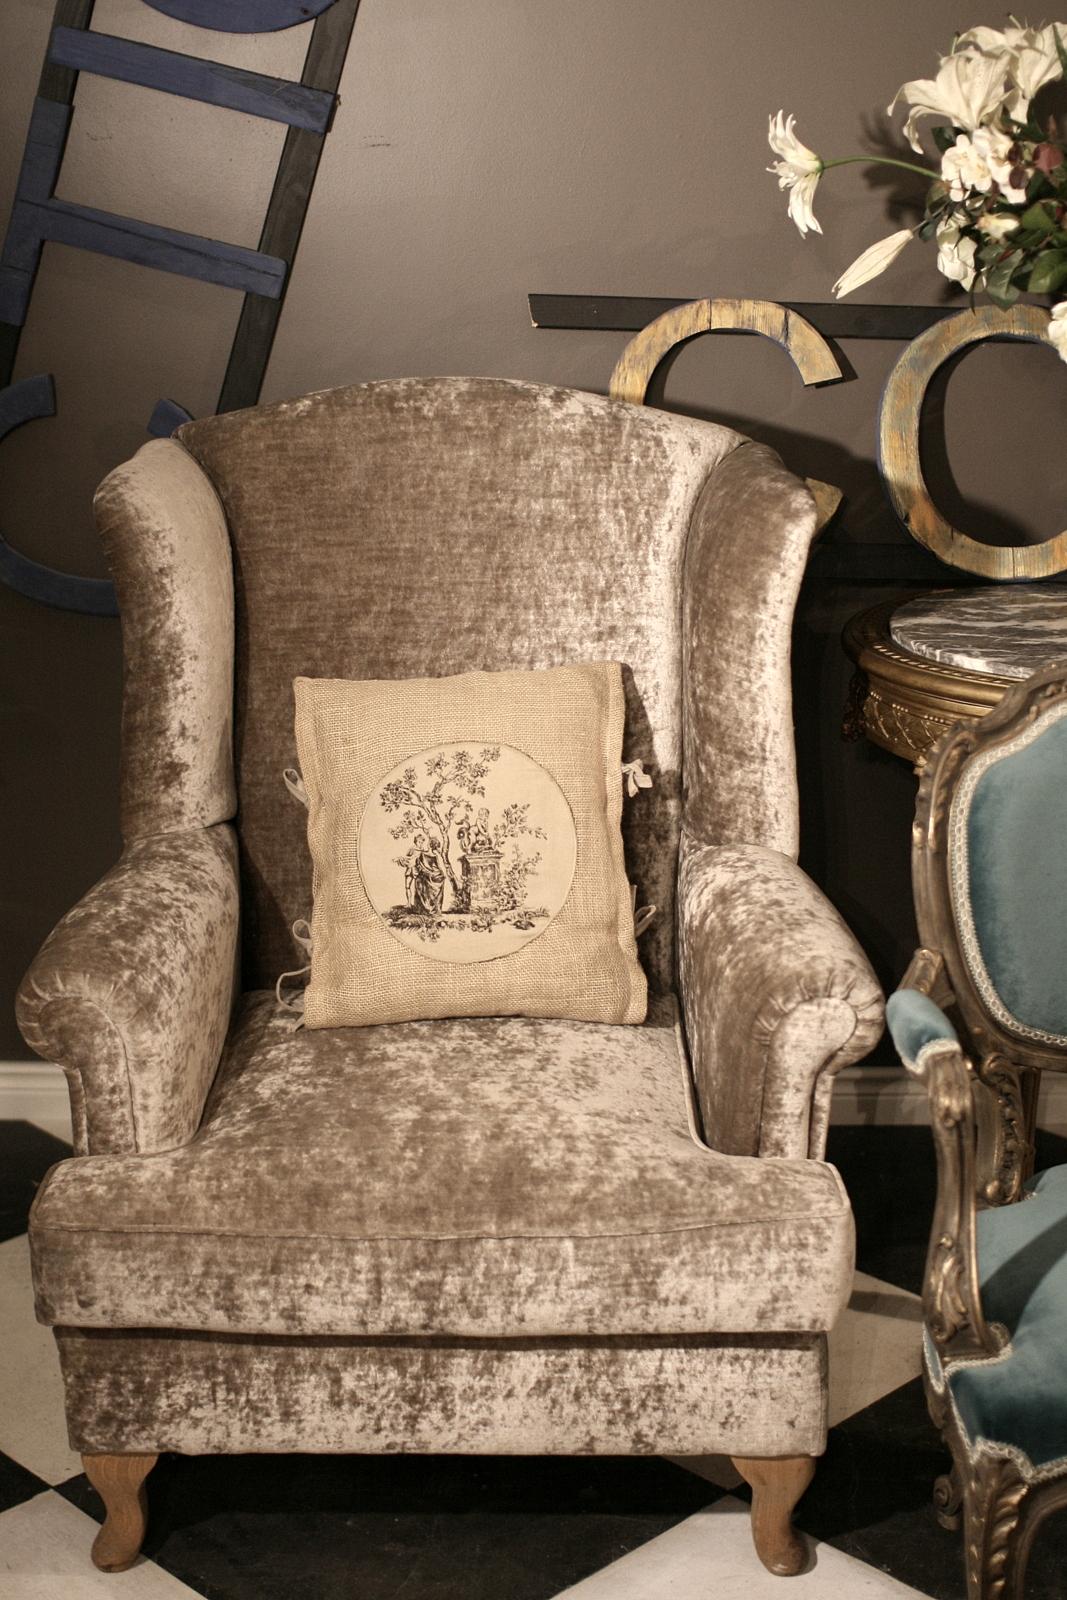 Fotel Uszak Nowa Replika Angielskiego Fotela Atelier Emerald